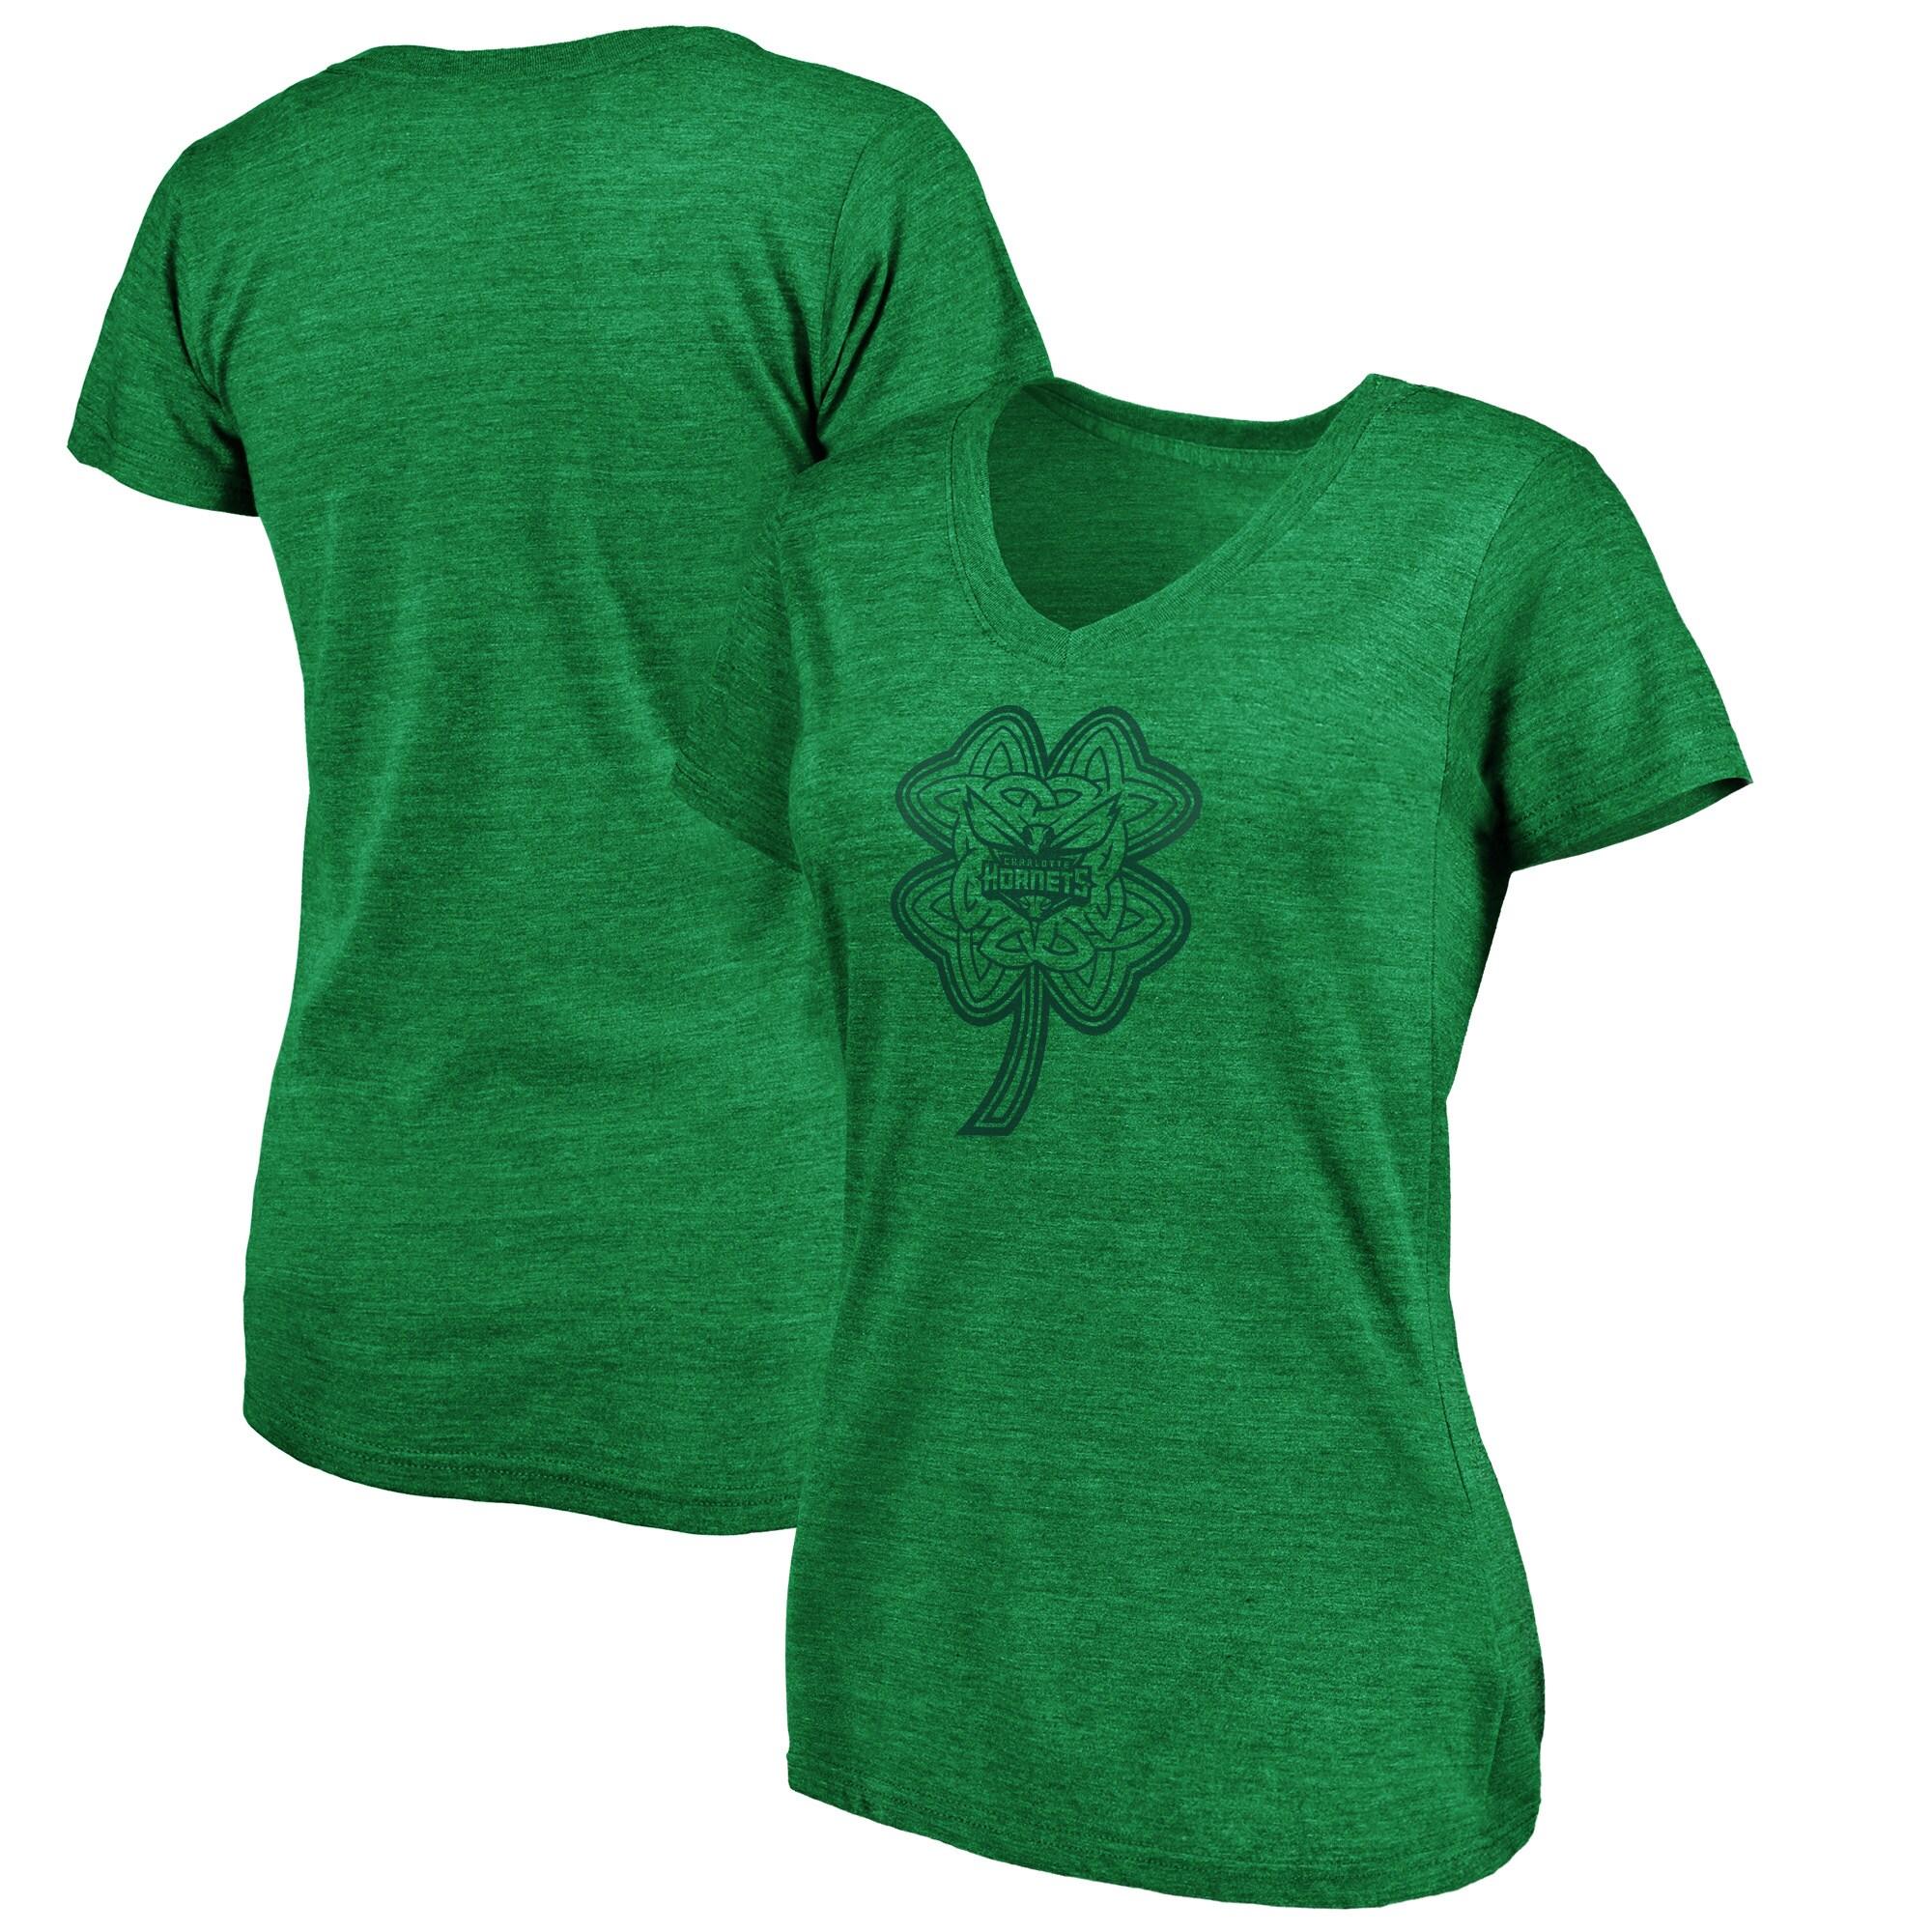 Charlotte Hornets Fanatics Branded Women's St. Patrick's Day Celtic Charm Tri-Blend V-Neck T-Shirt - Green